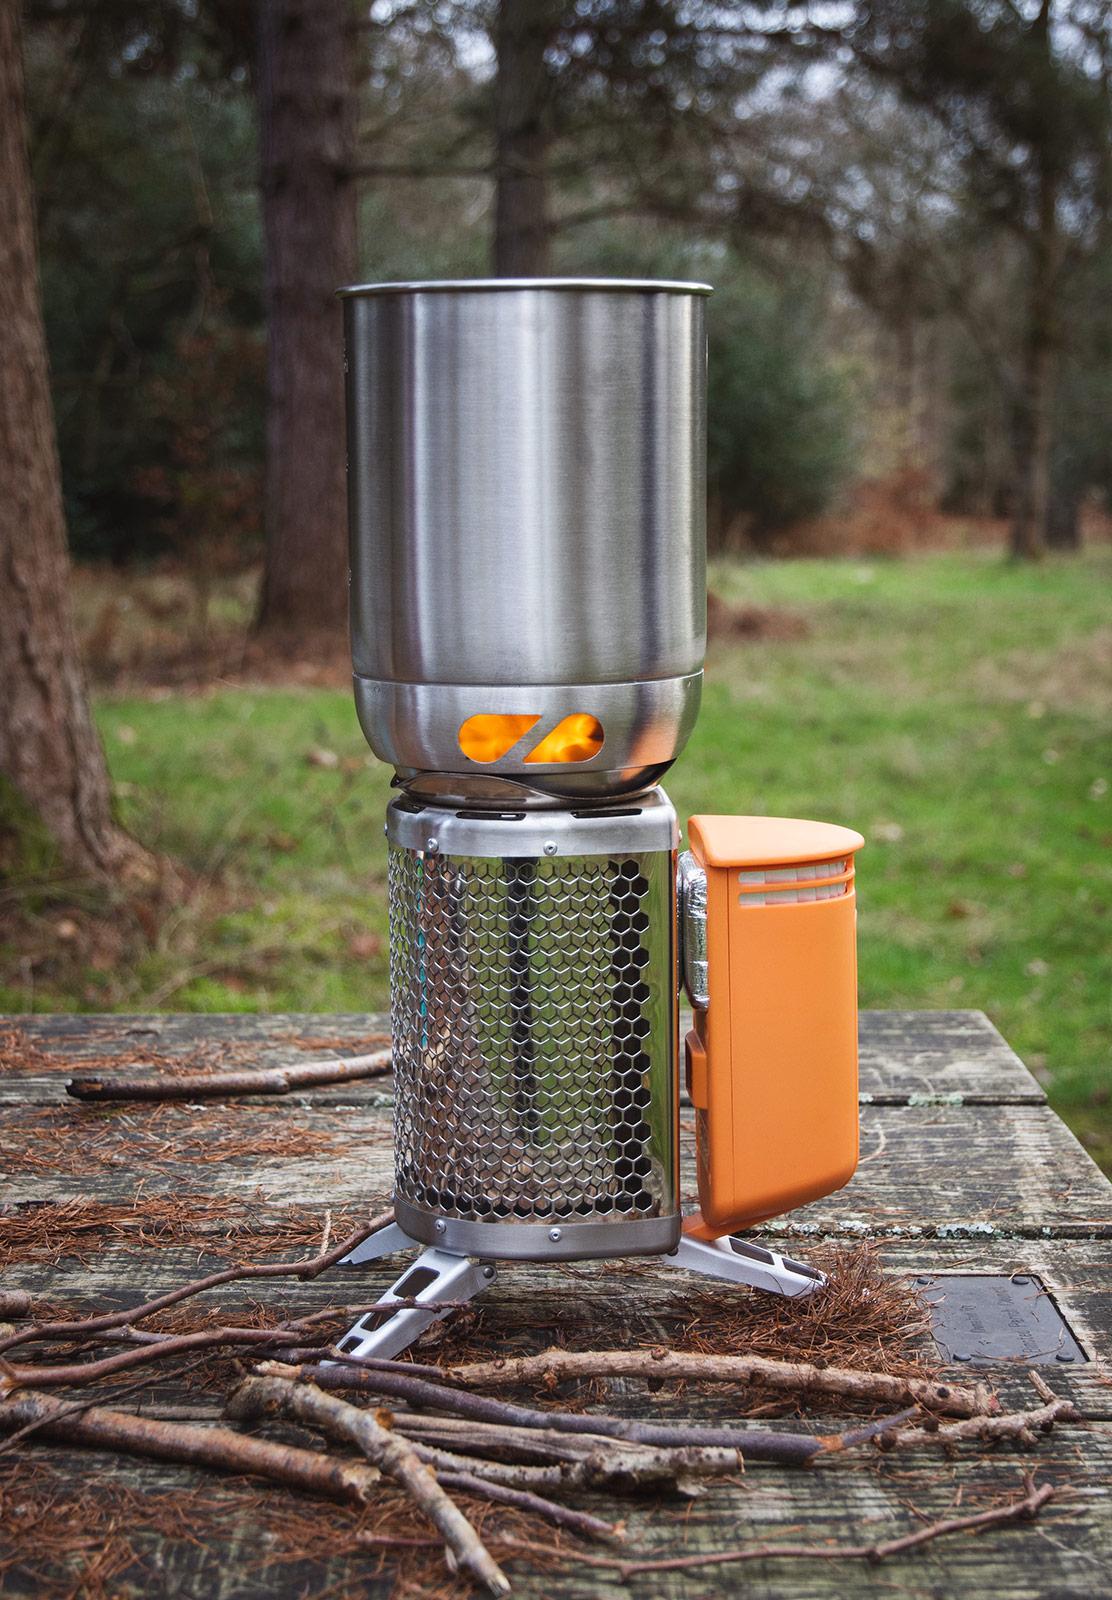 Metal pan on stove